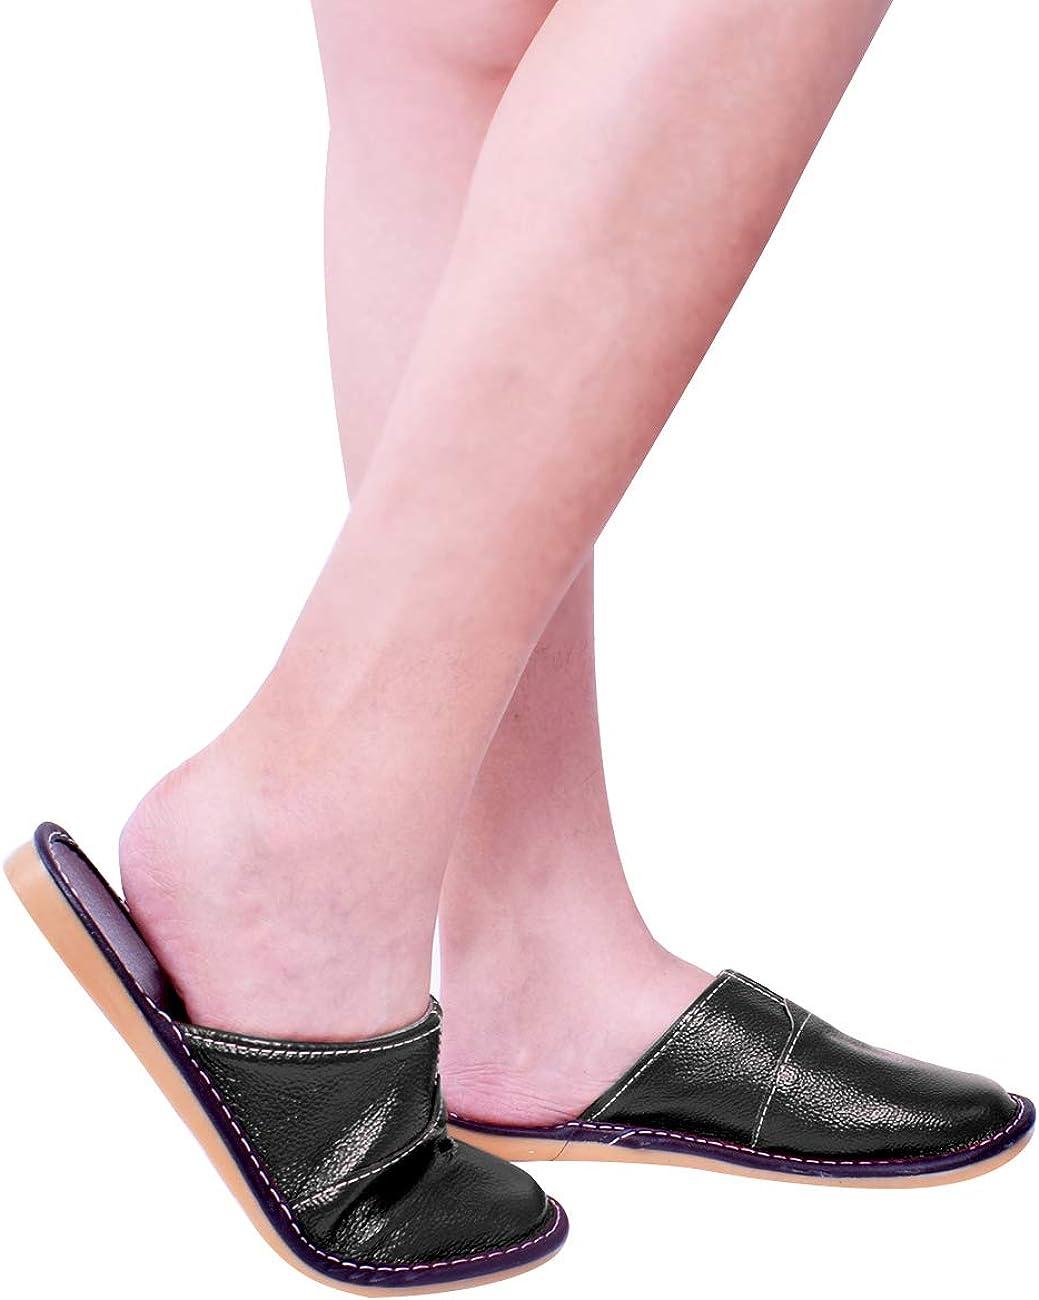 Nanxson Pantoufle Chausson en Cuir Multi-Couleurs Flexible Souple Chaud pour Adultes Unisexes Maison Bureau H/ôtel TX0008